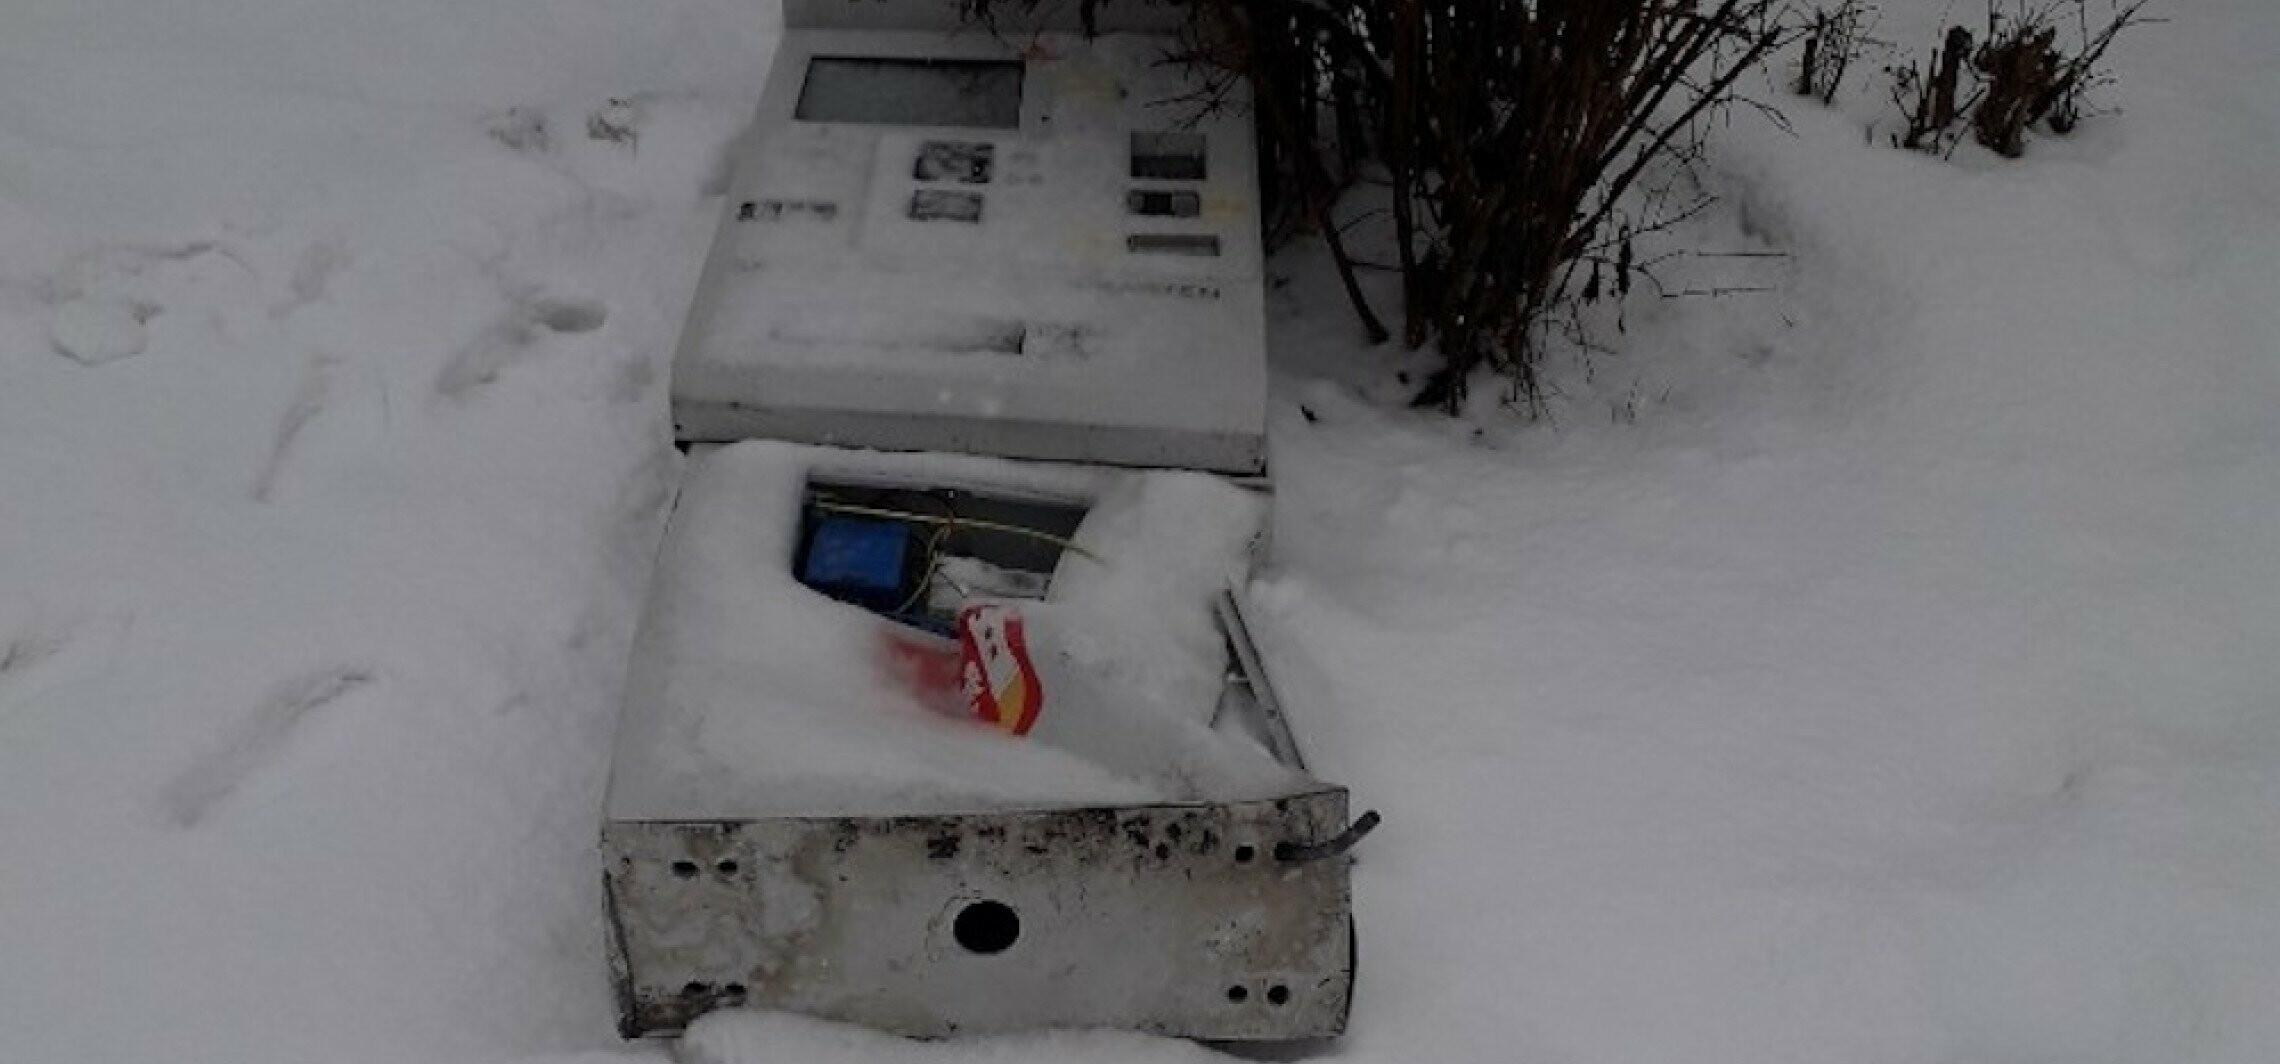 Staranowany przez auto biletomat do naprawy